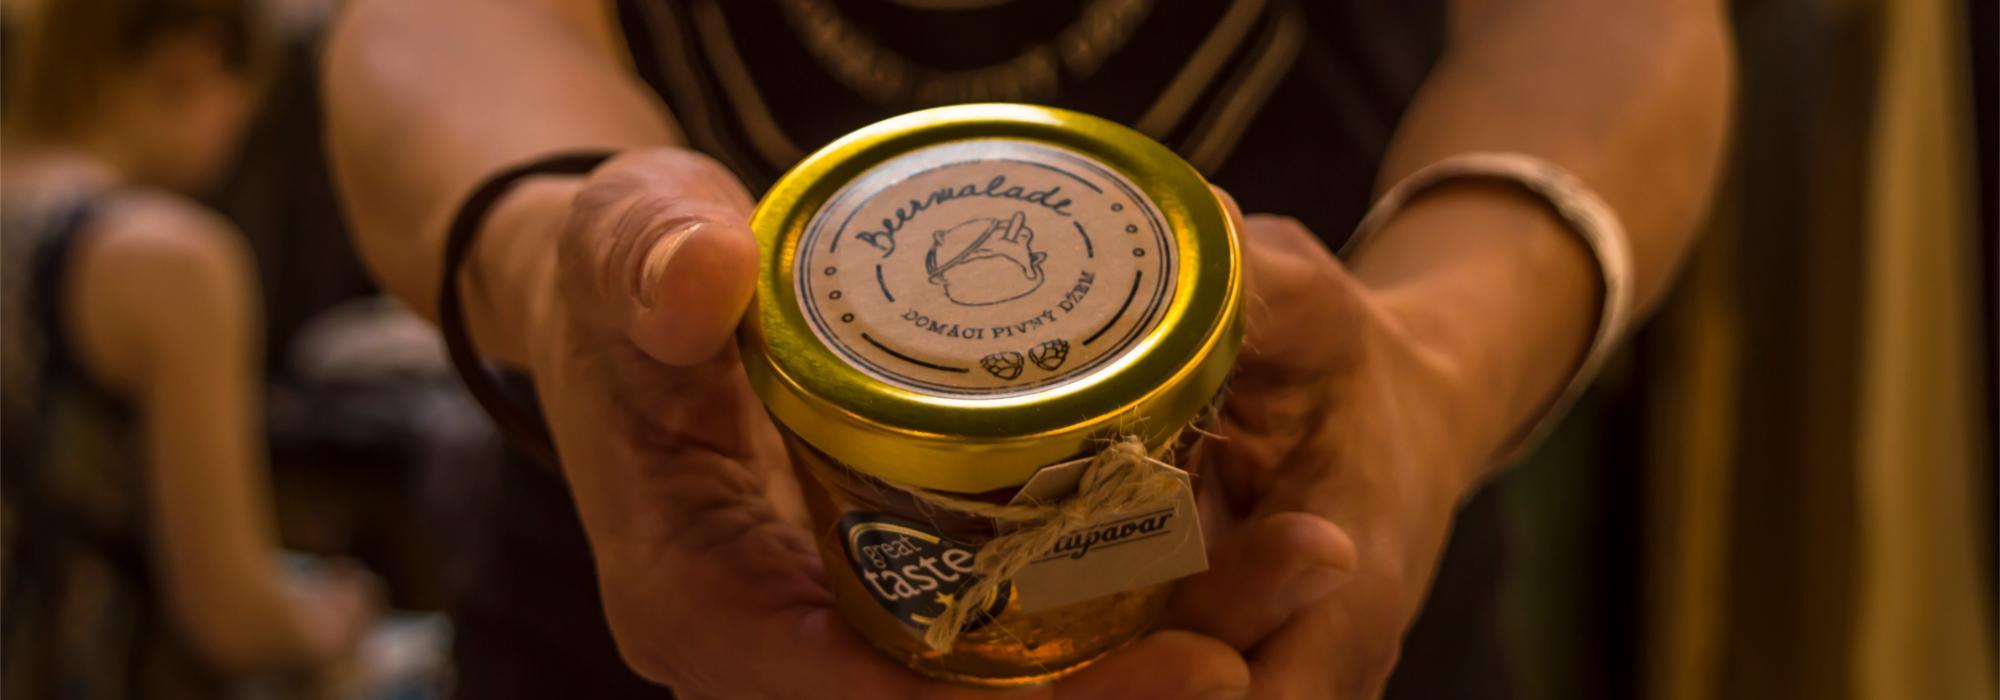 lokalnytrh.sk – BEERMALADE – slovenská firma vyrábajúca džem z remeselného piva